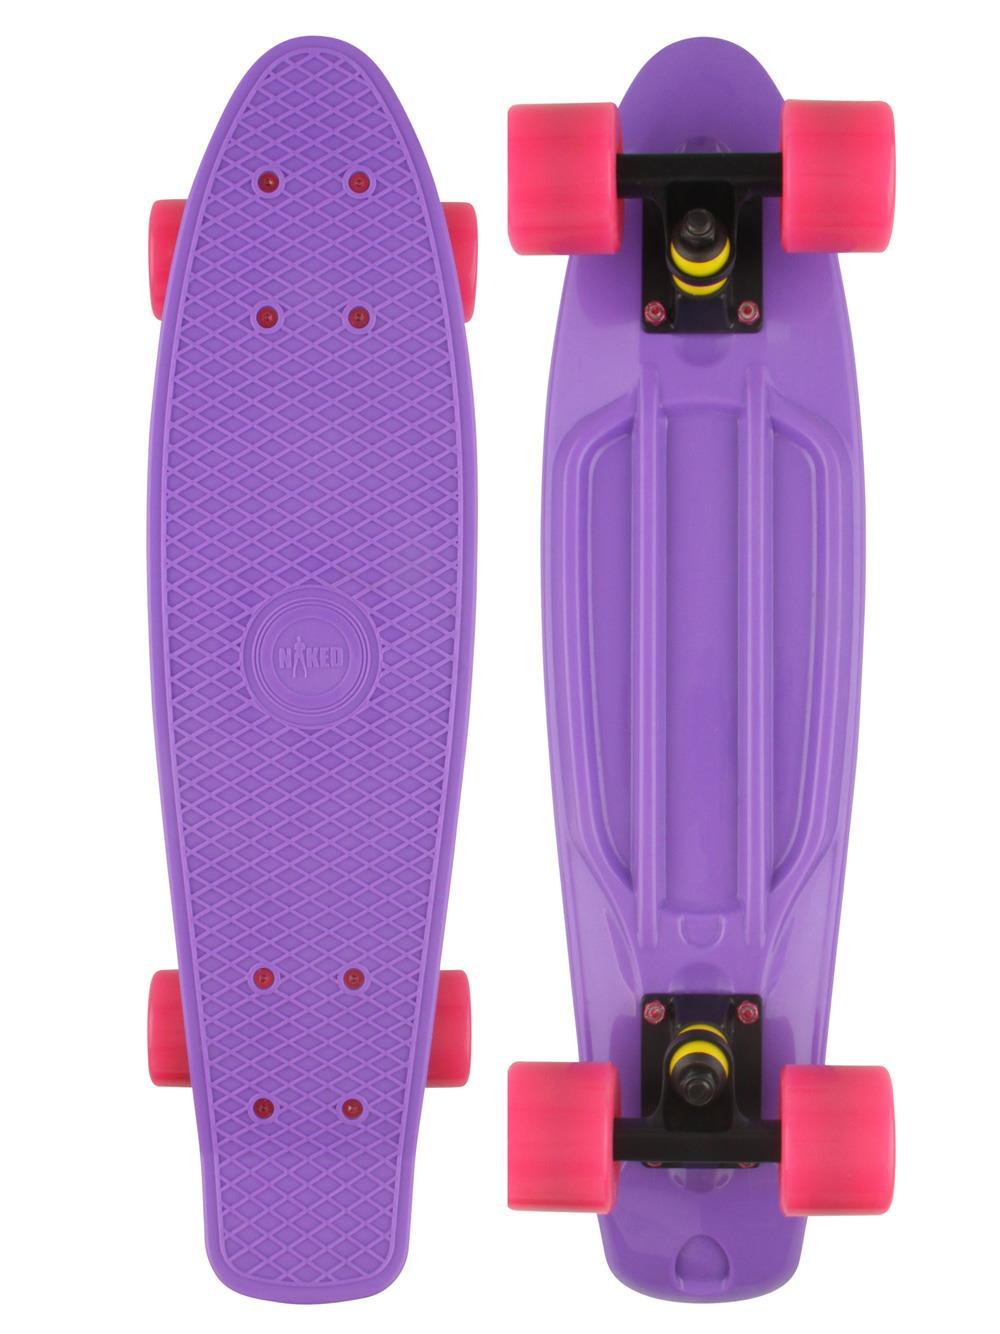 naked original purple deluxe skateboard. Black Bedroom Furniture Sets. Home Design Ideas